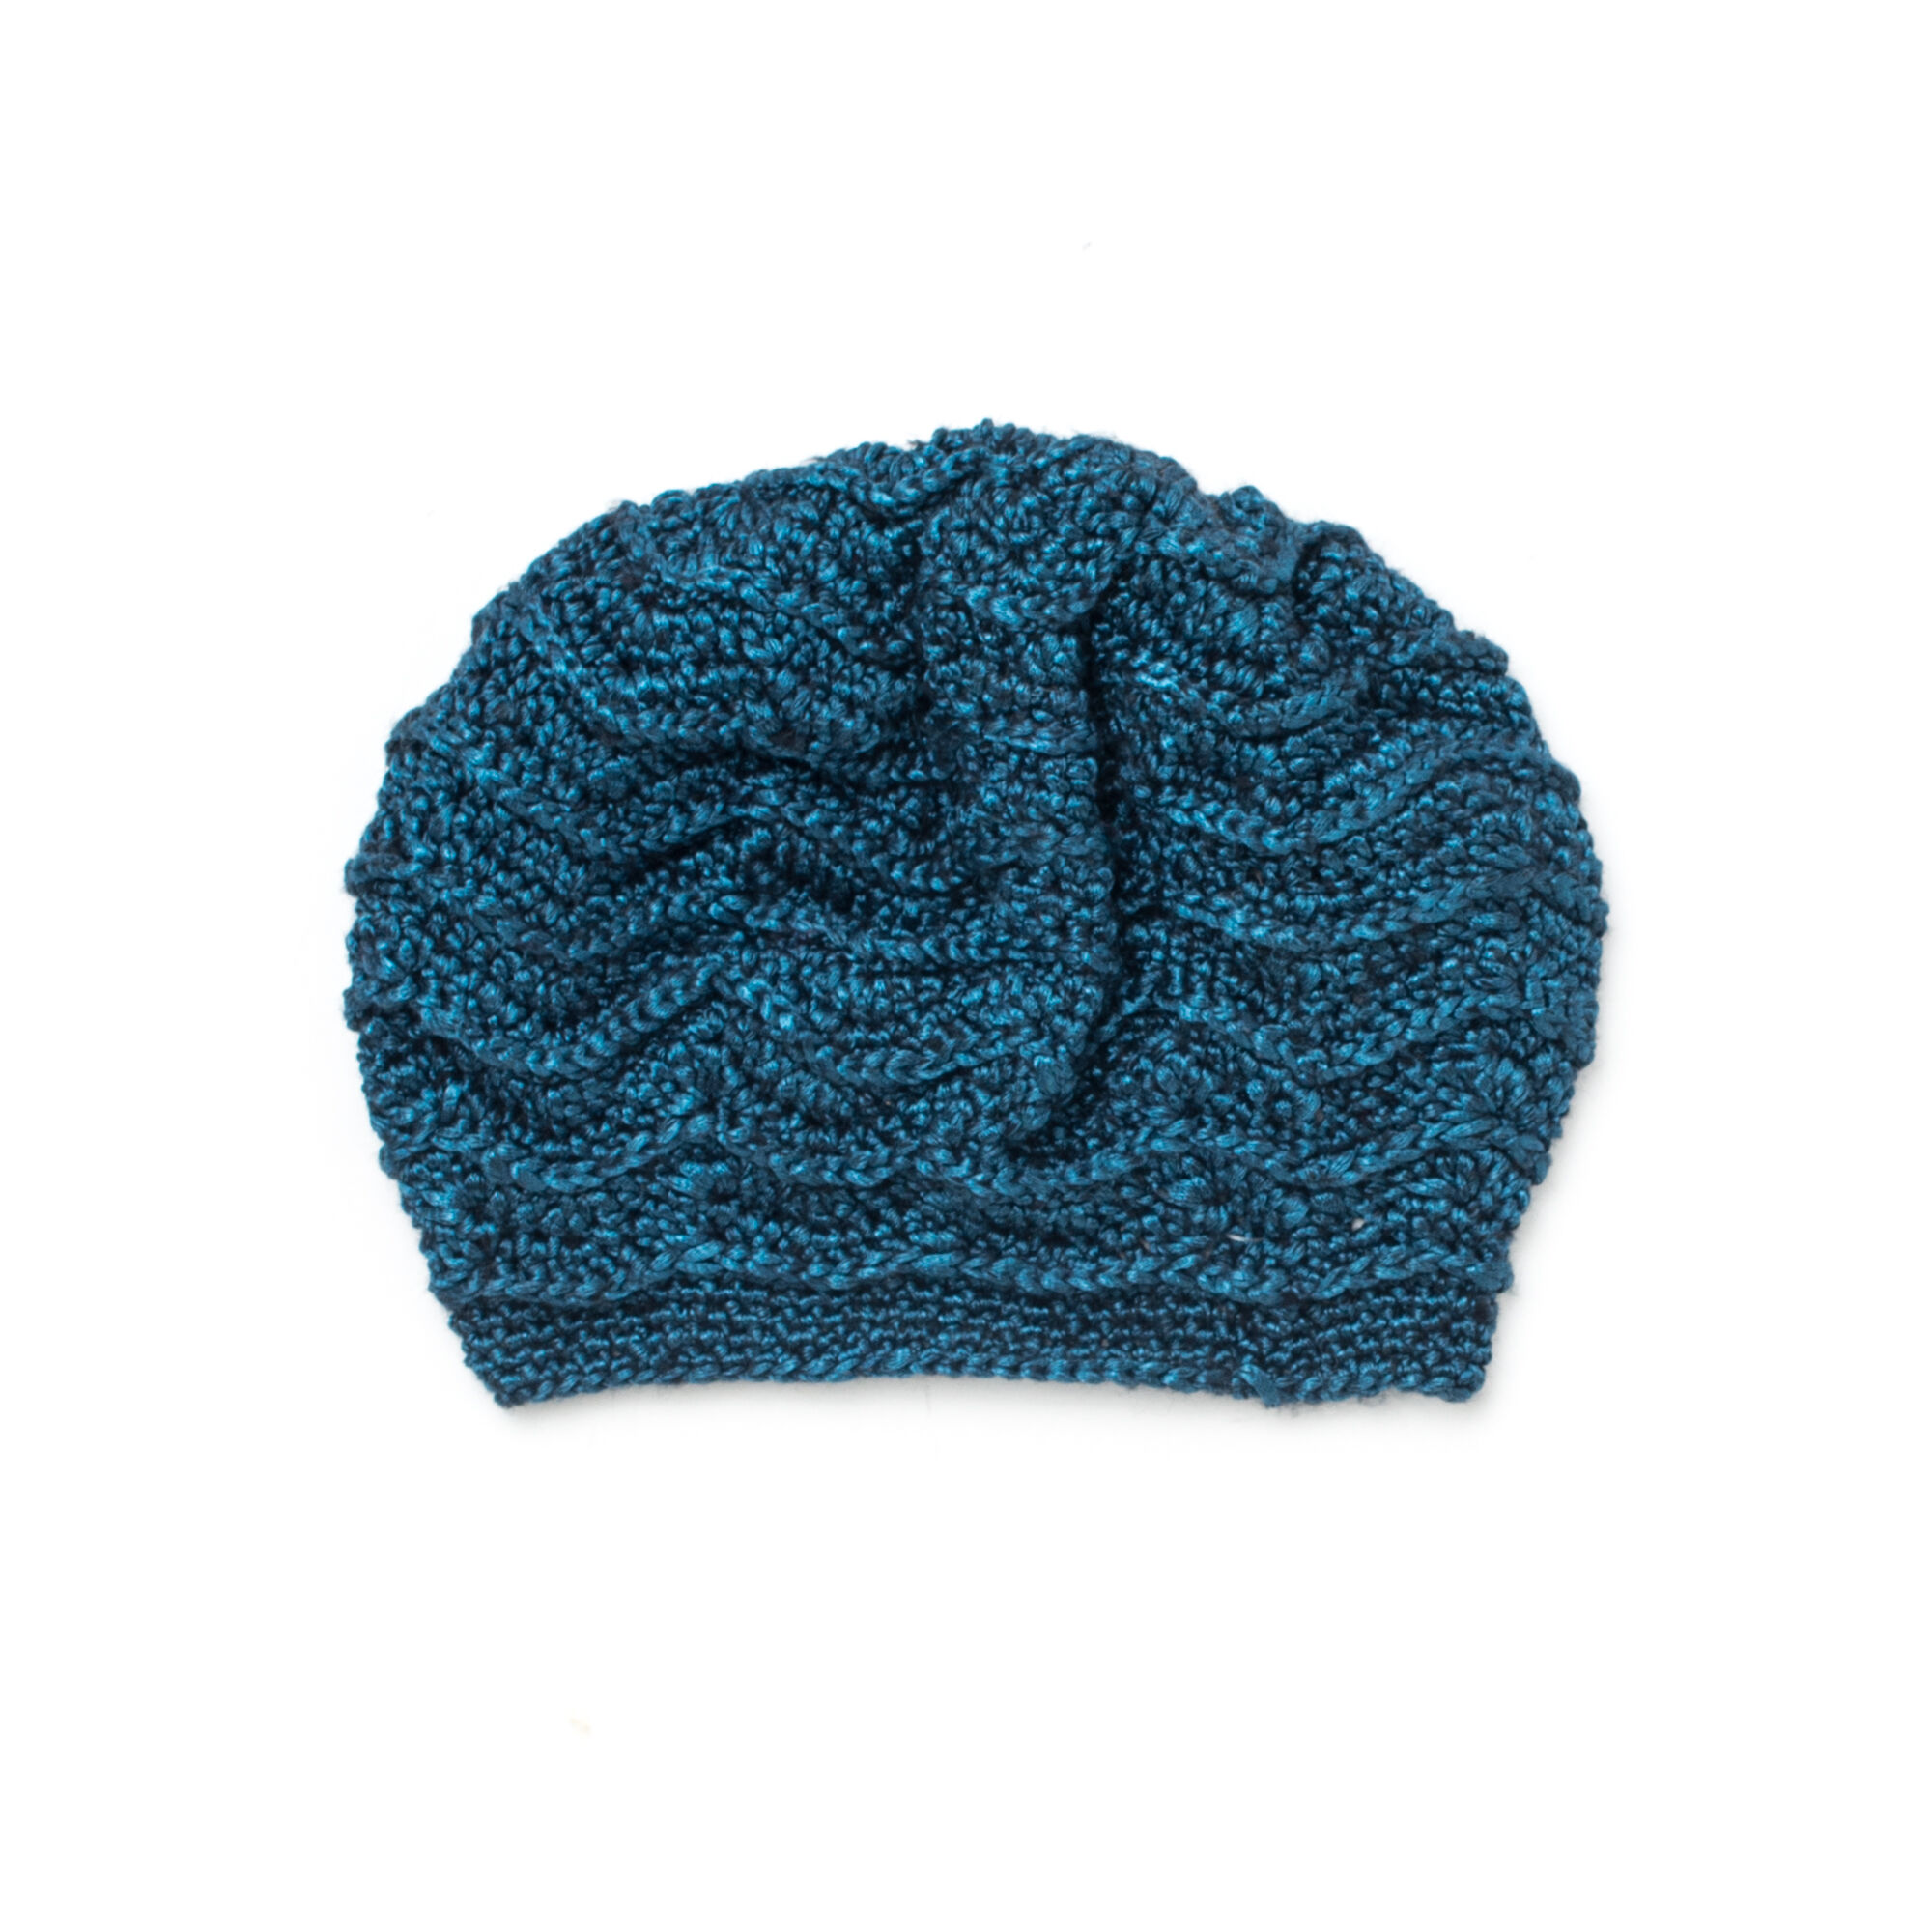 Patons Wave Stitch Beret | Yarnspirations